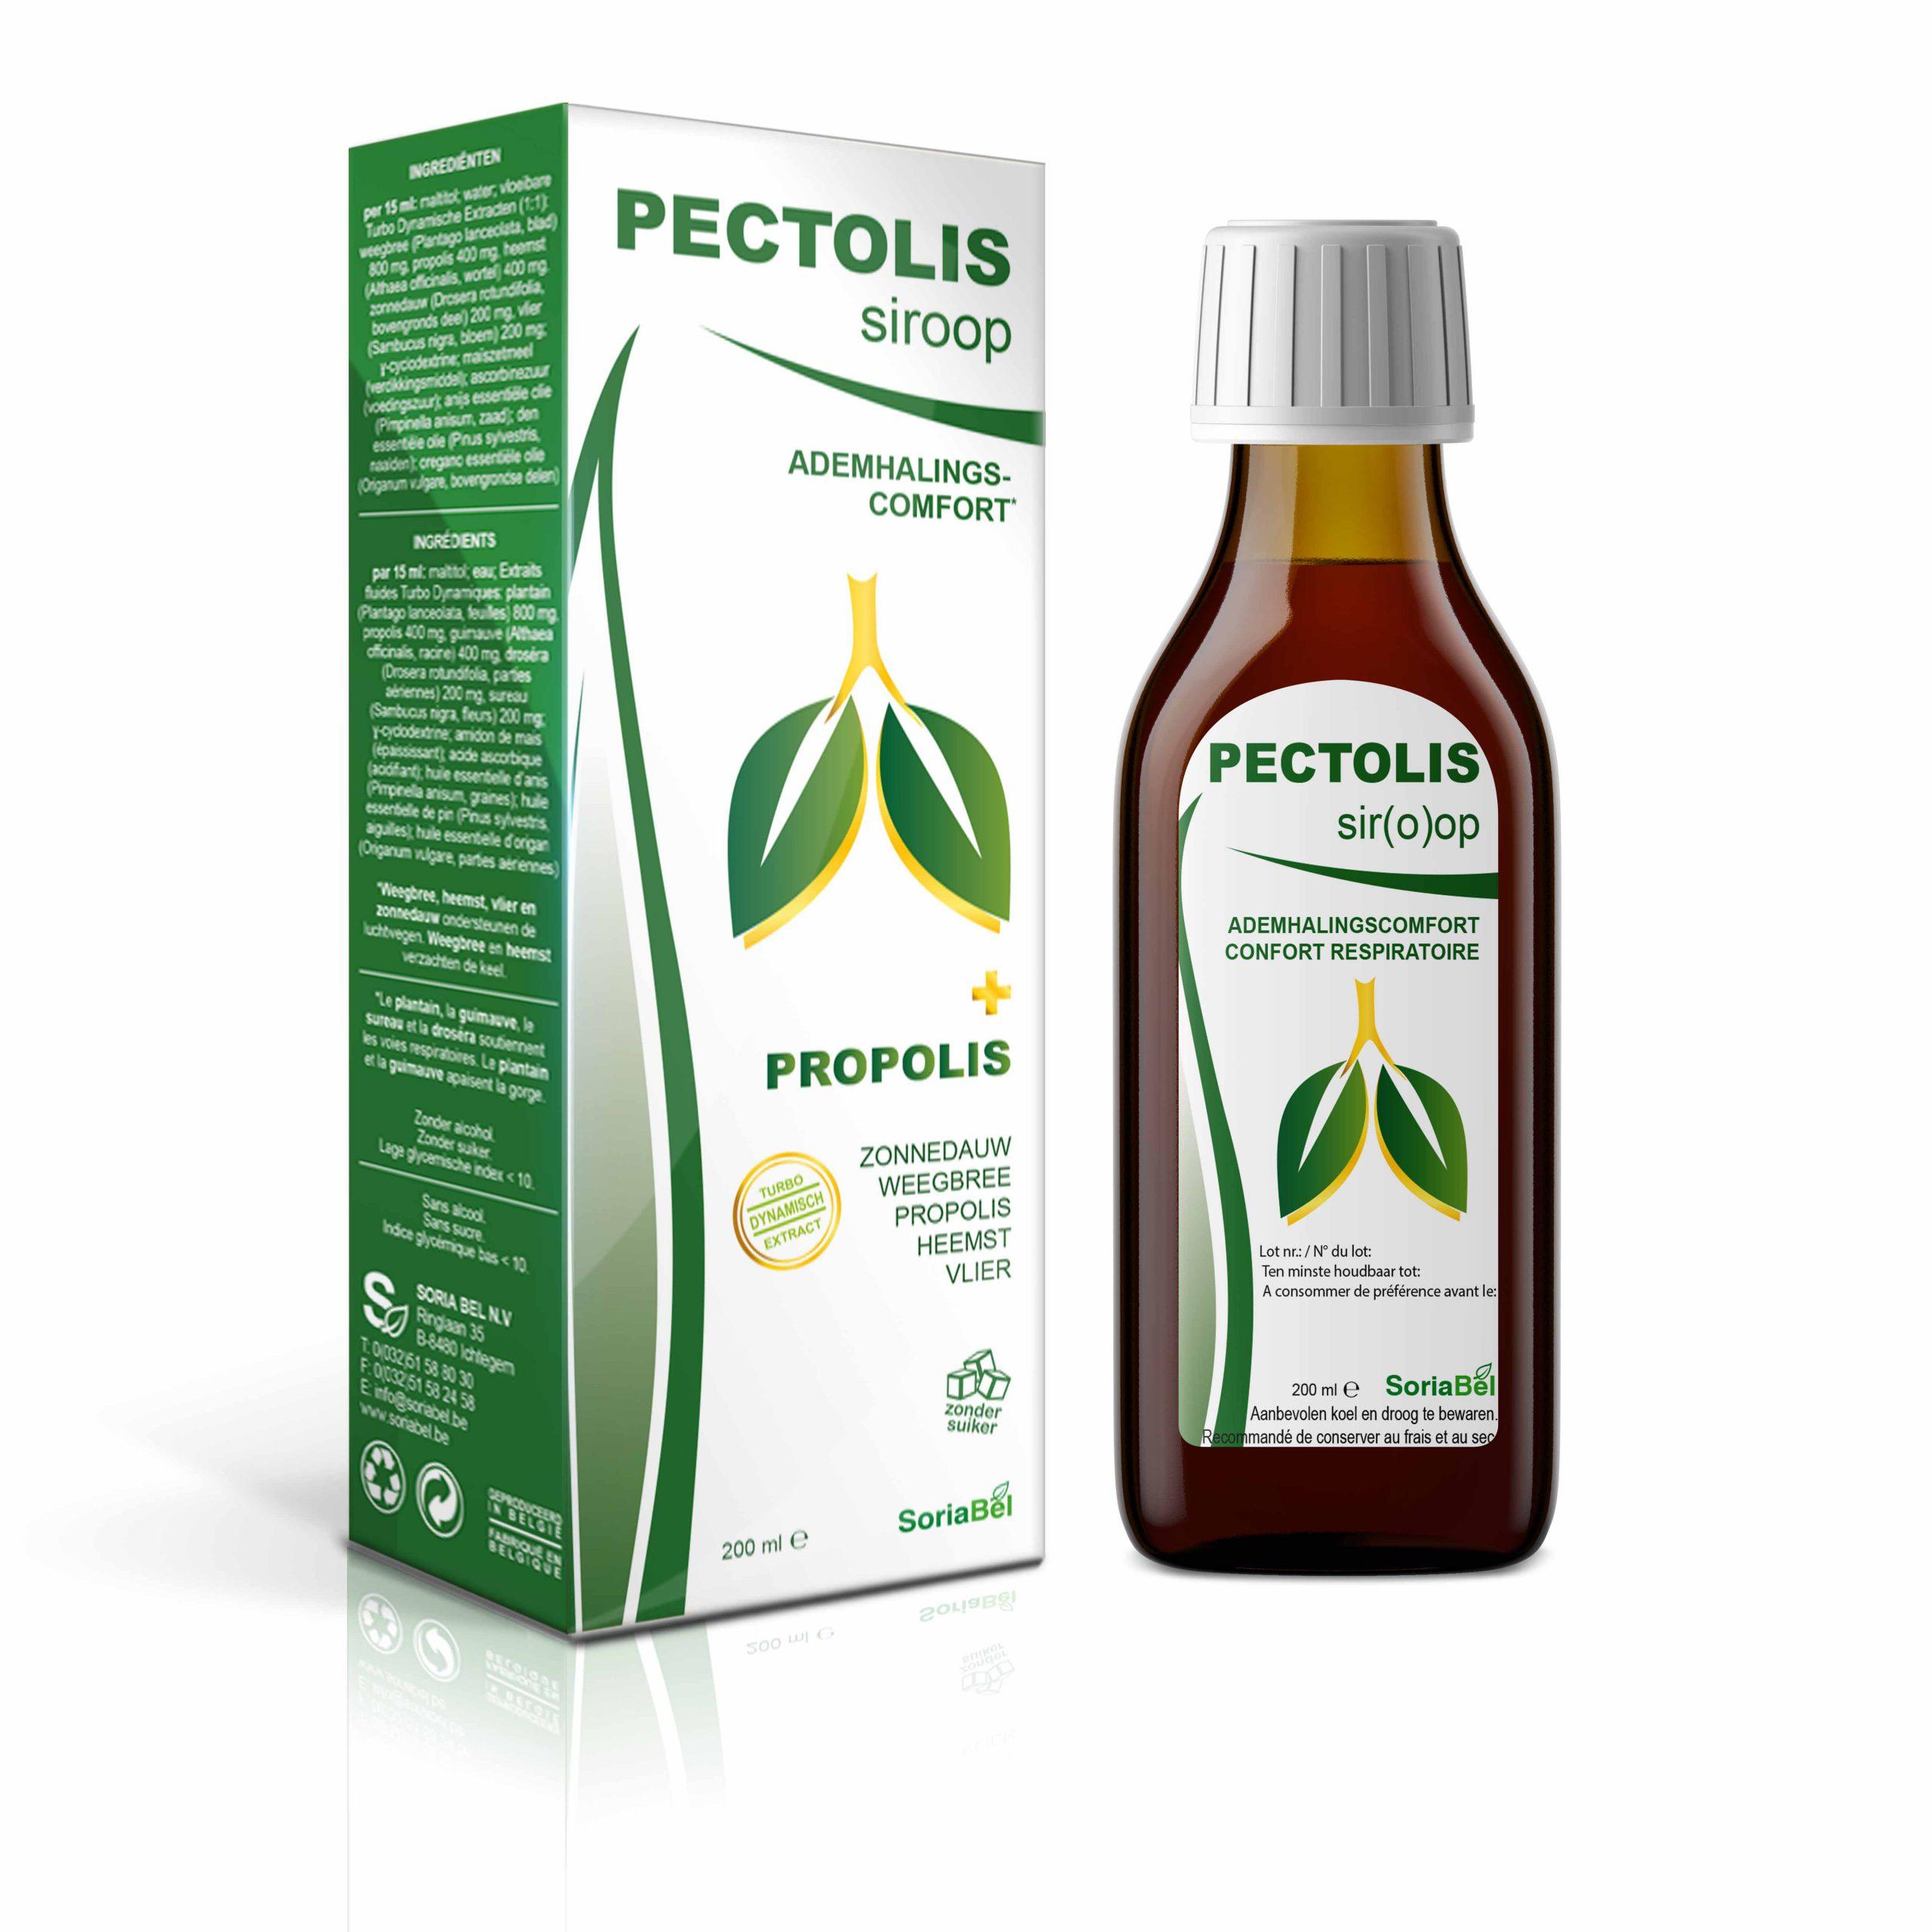 Sirop Pectolis